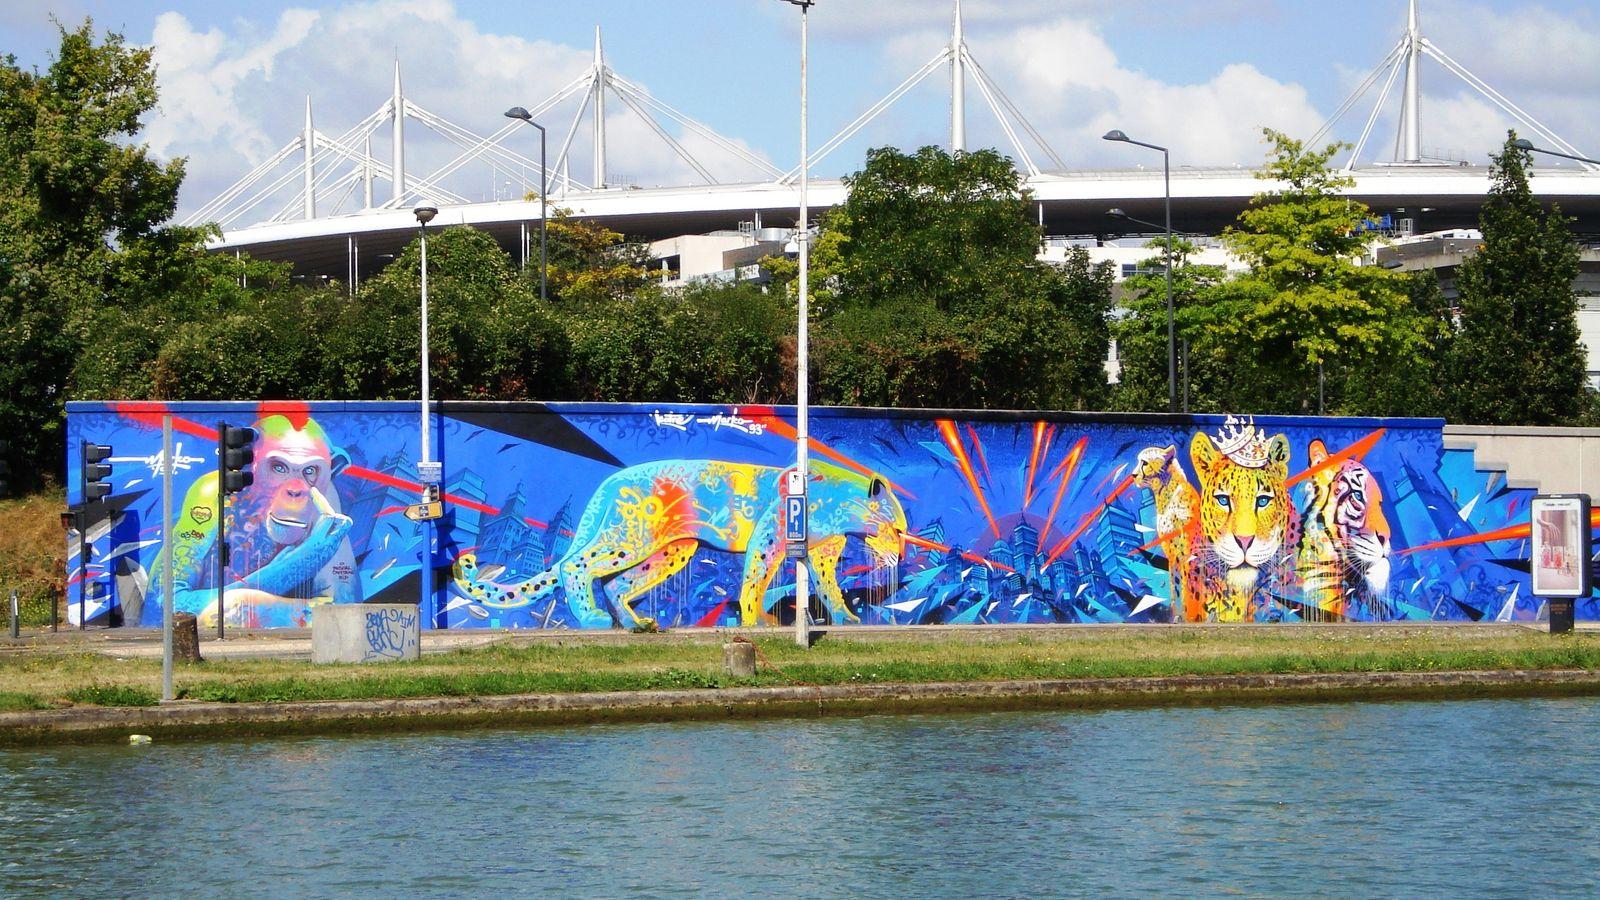 La fresque « Félins », de l'artiste Marko 93, le long de la « Street art ...